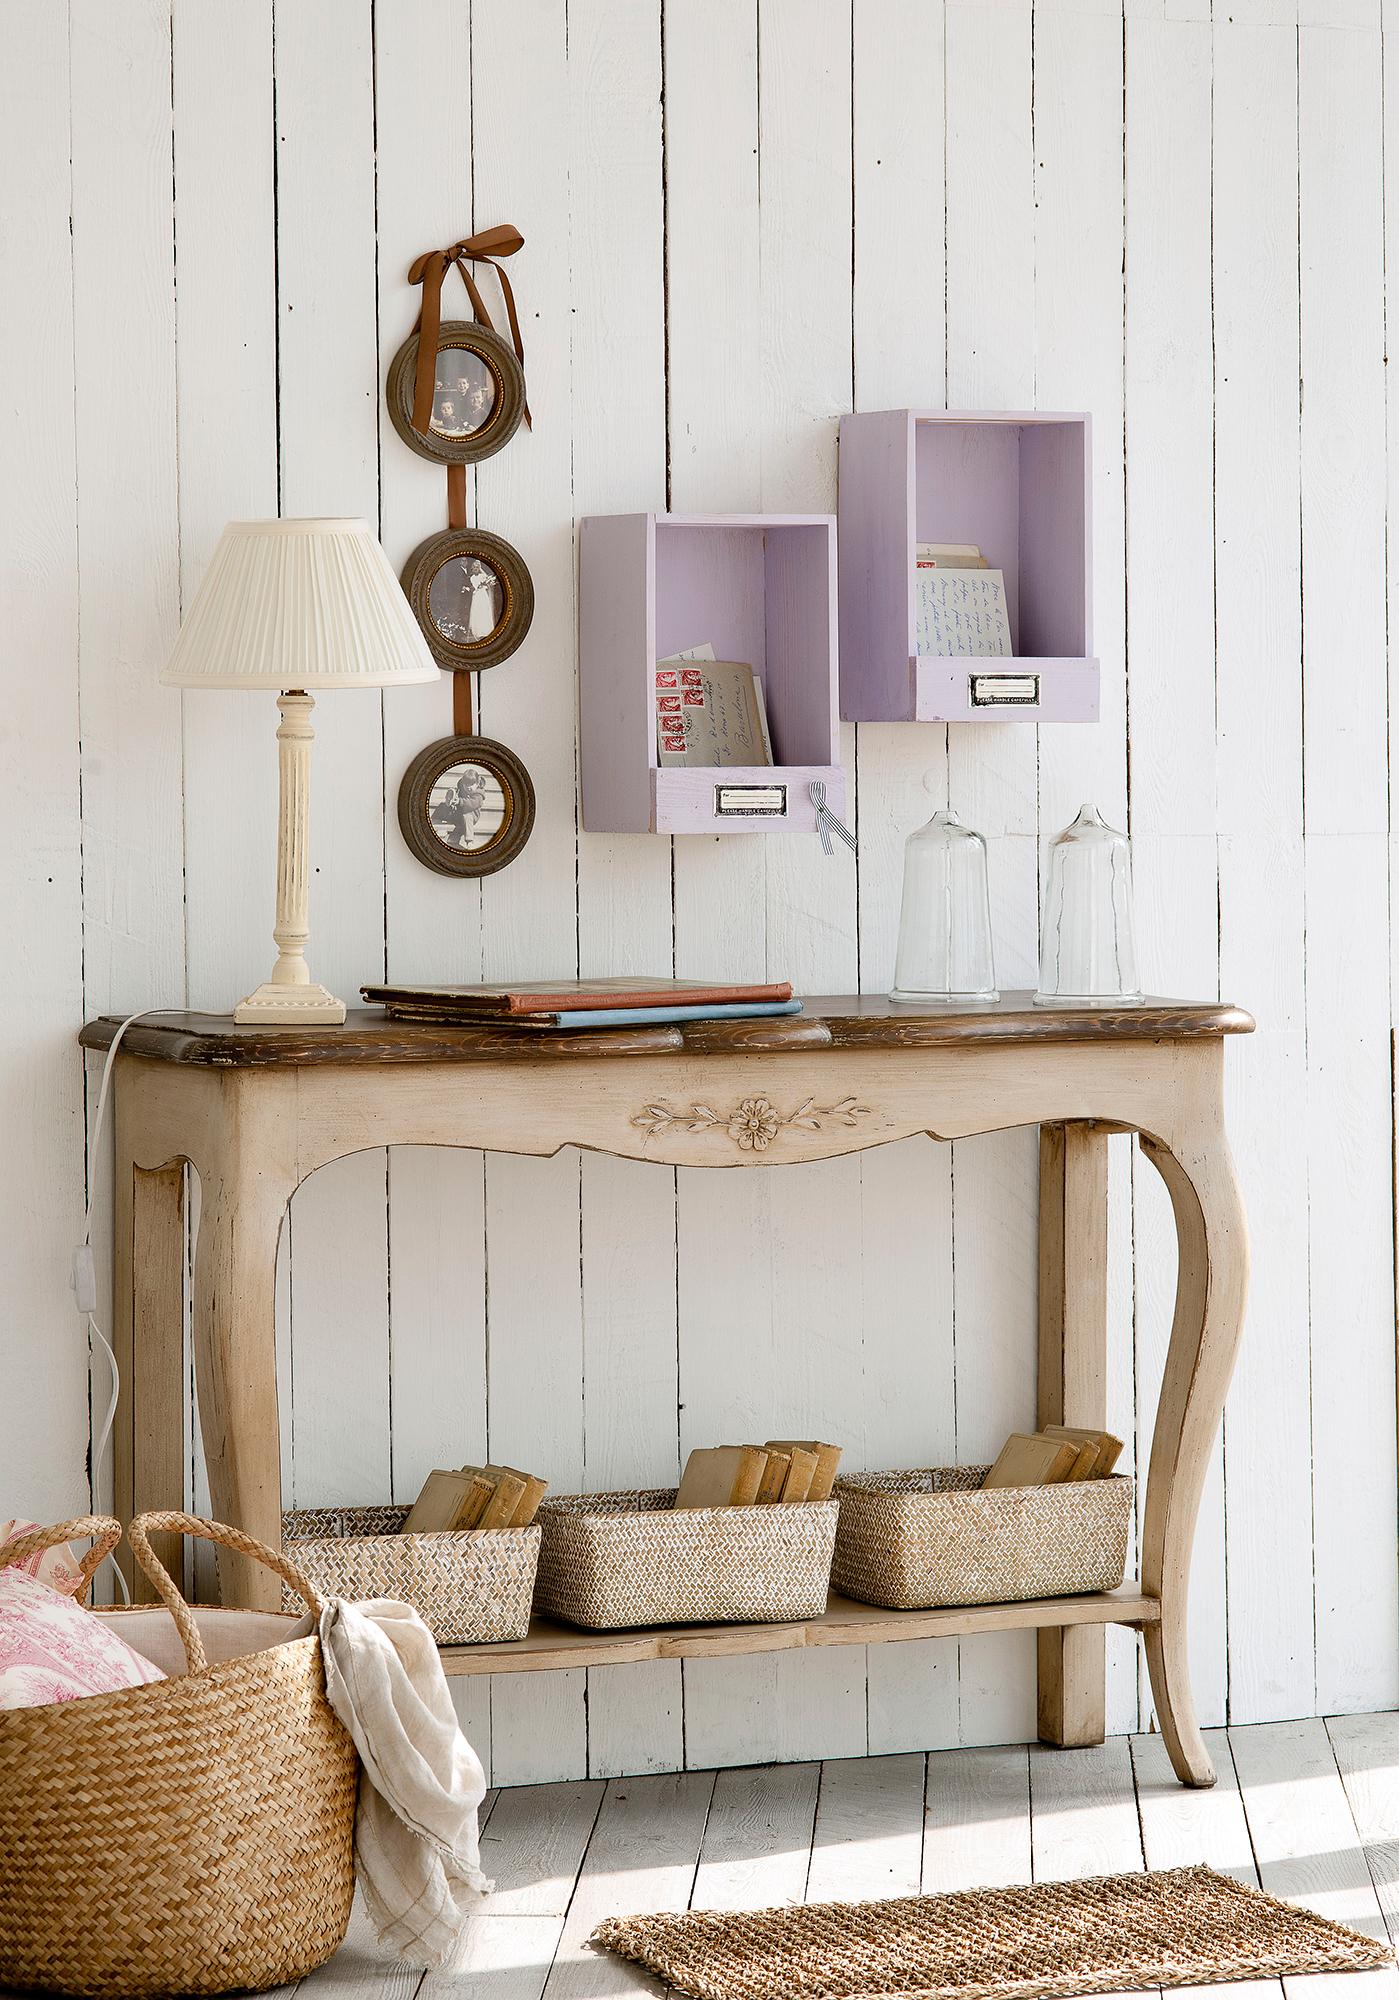 Recibidor muebles zapateros e ideas para recibidores - Pared de madera ...